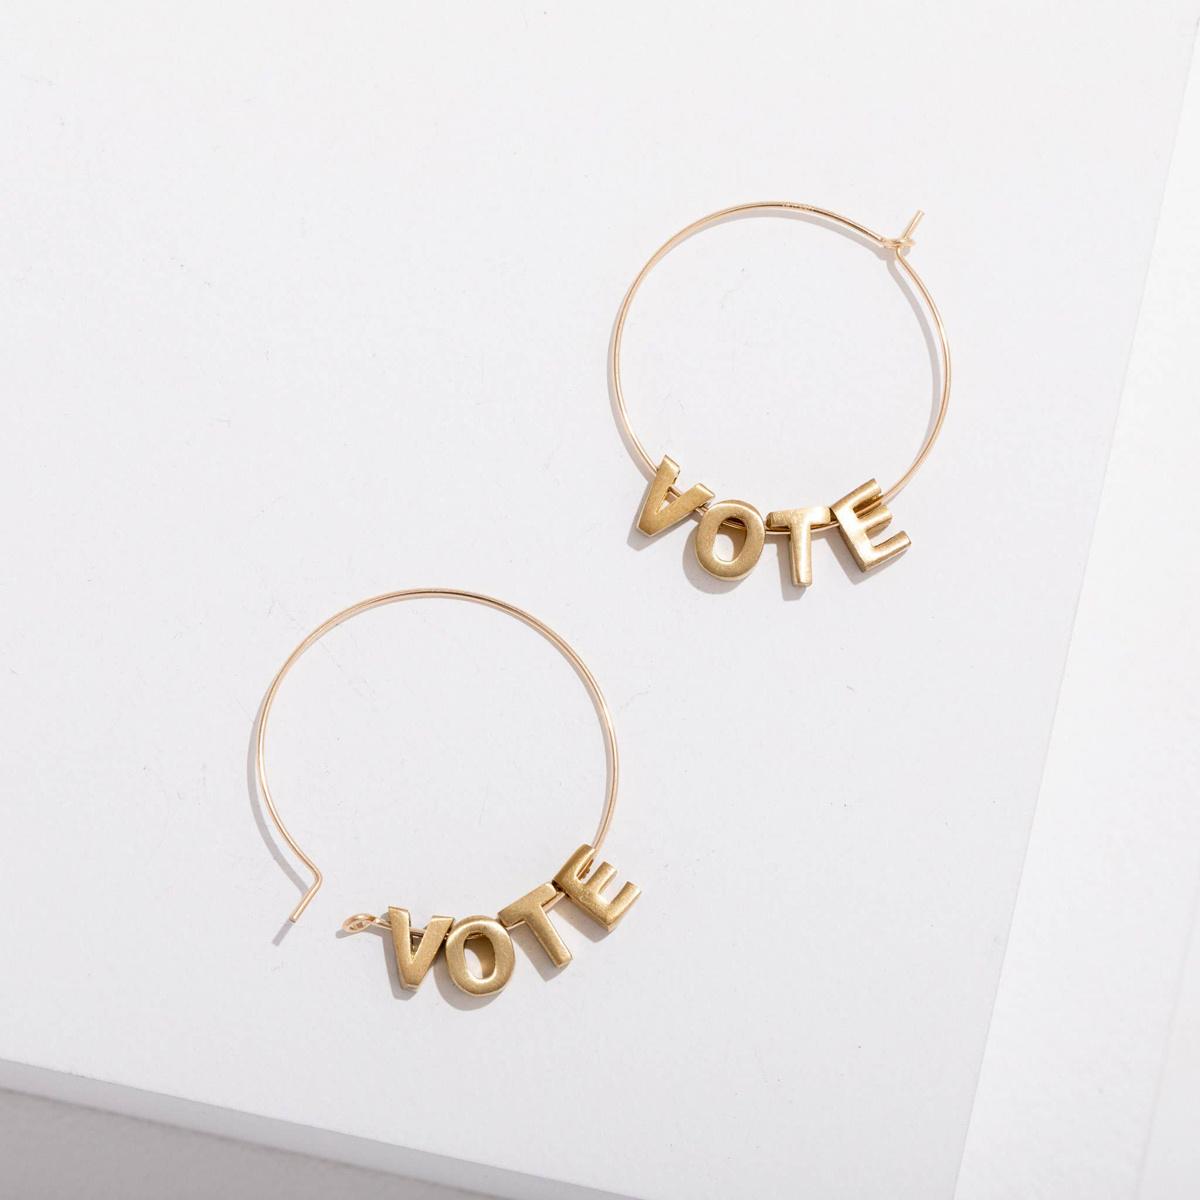 Larissa Loden Jewelry - LLJ Vote Earrings, 24k plated